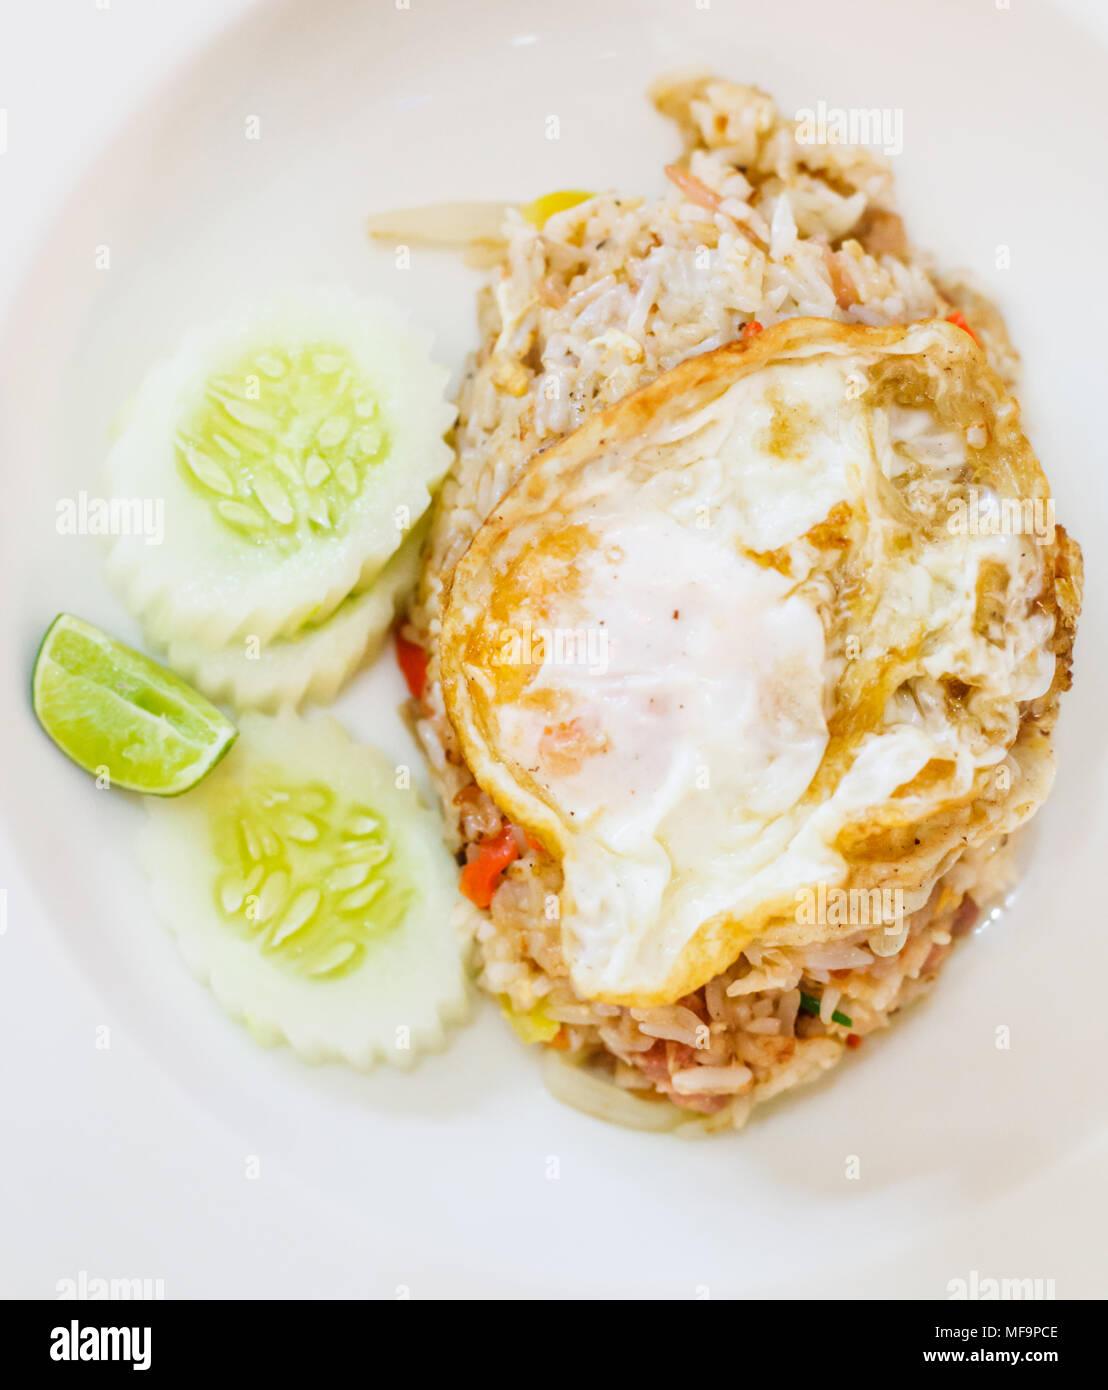 Selective focus close up Traditional Thai cuisine asiatique menu alimentaire: delicious Thai riz frit porc fermenté avec œuf frit sur le dessus garnie avec du citron Photo Stock